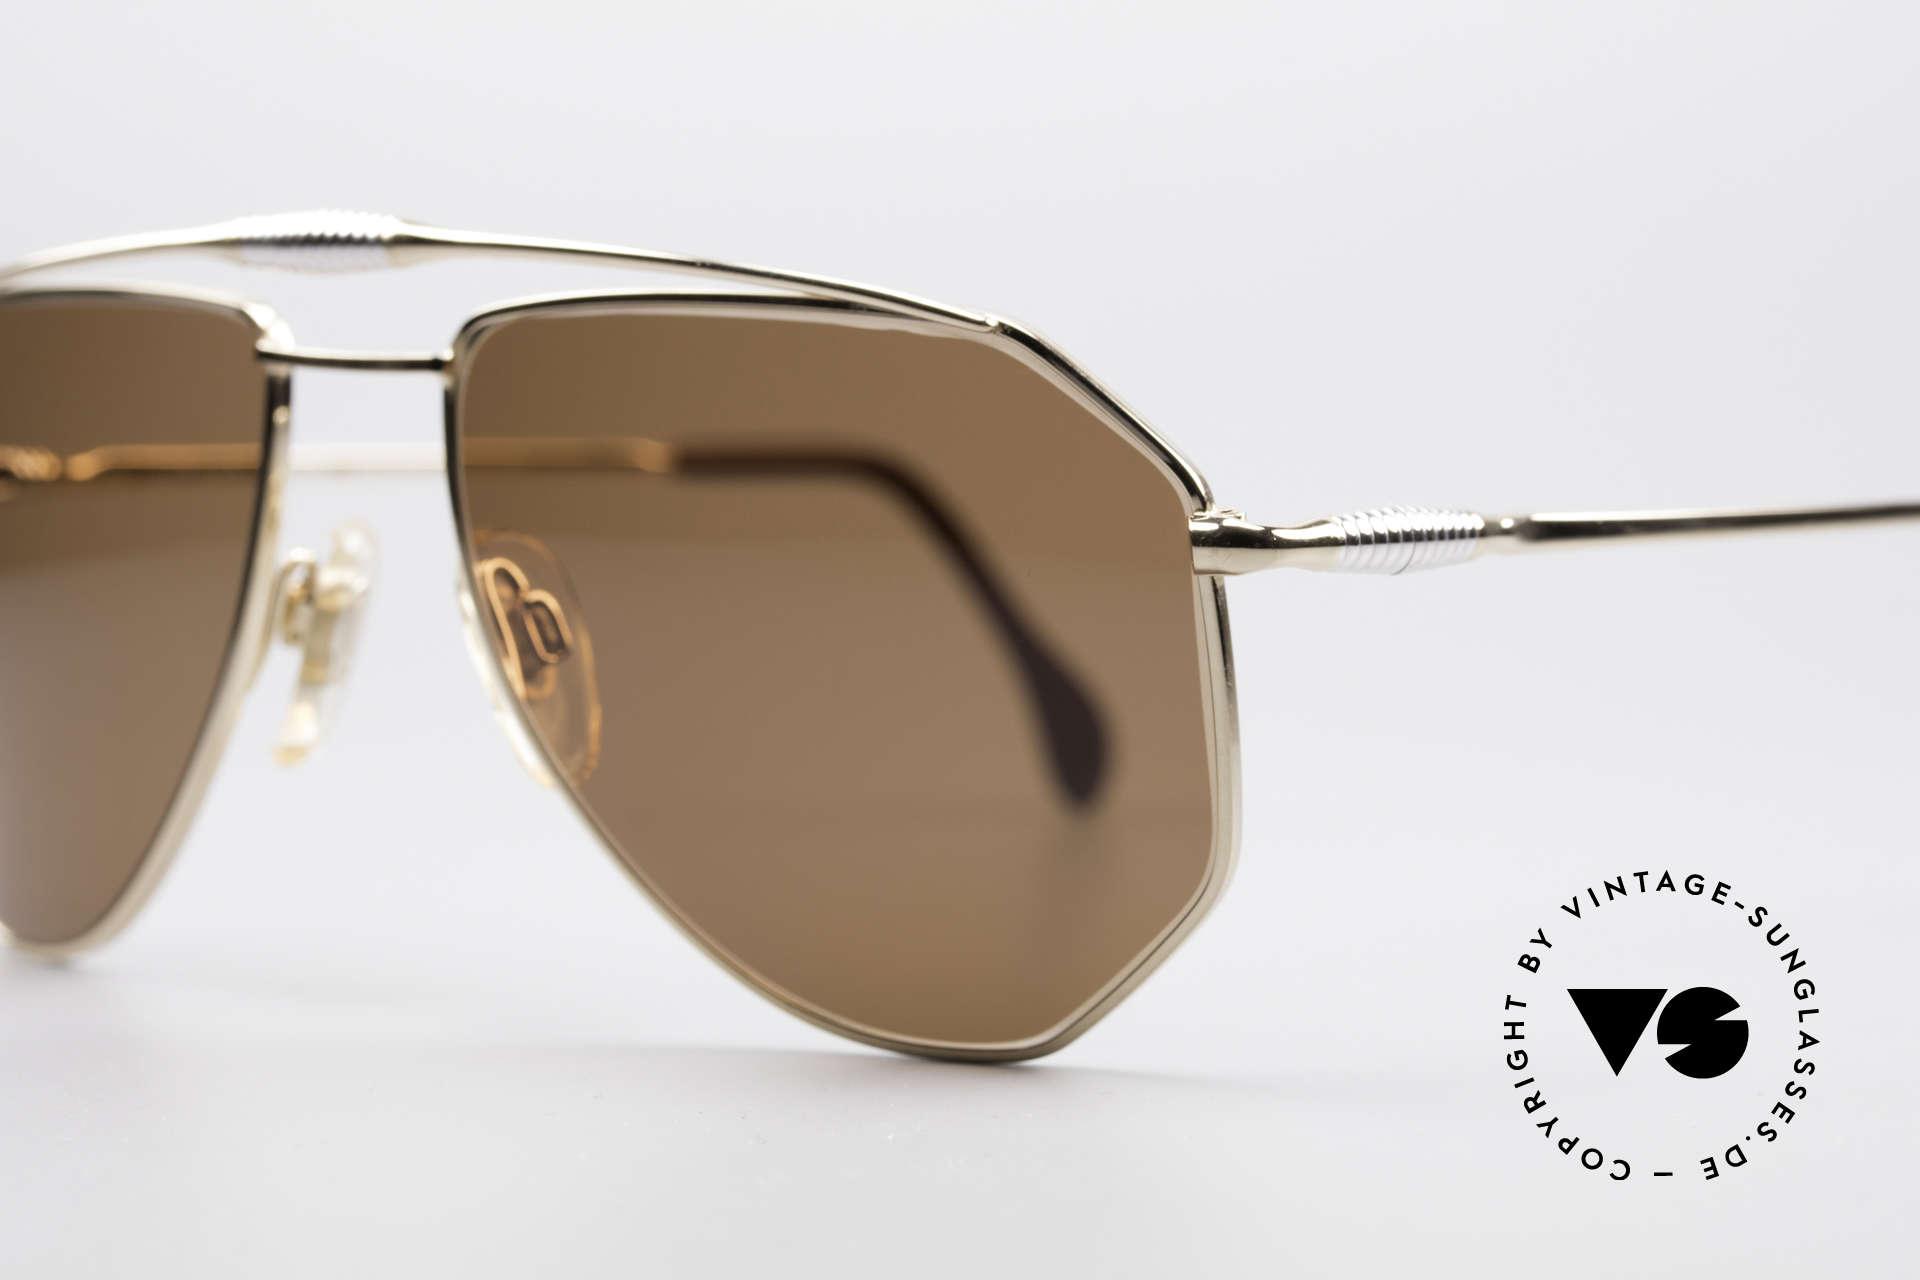 Zollitsch Cadre 120 Medium 80er Sonnenbrille, ungetragen (wie alle unsere vintage Zollitsch Brillen), Passend für Herren